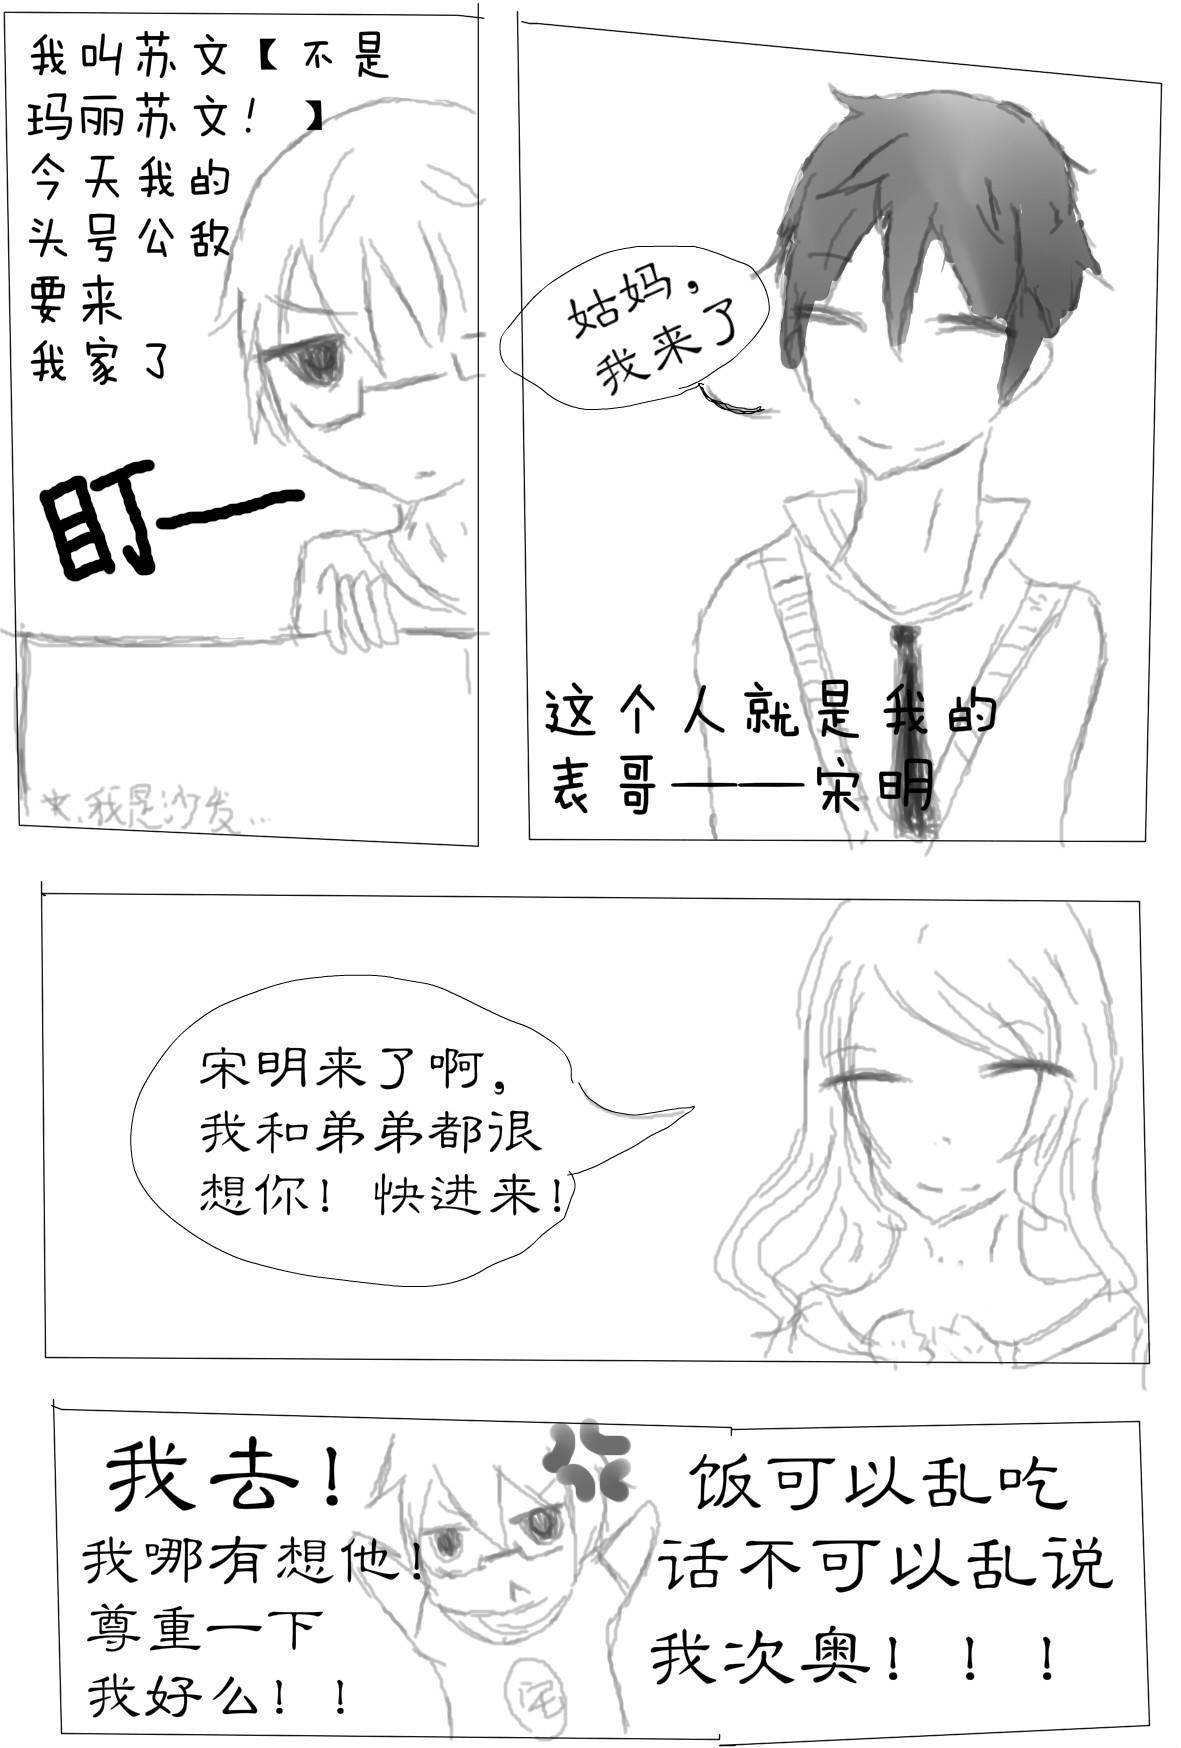 【包子汪】原创耽美[?]漫画求精